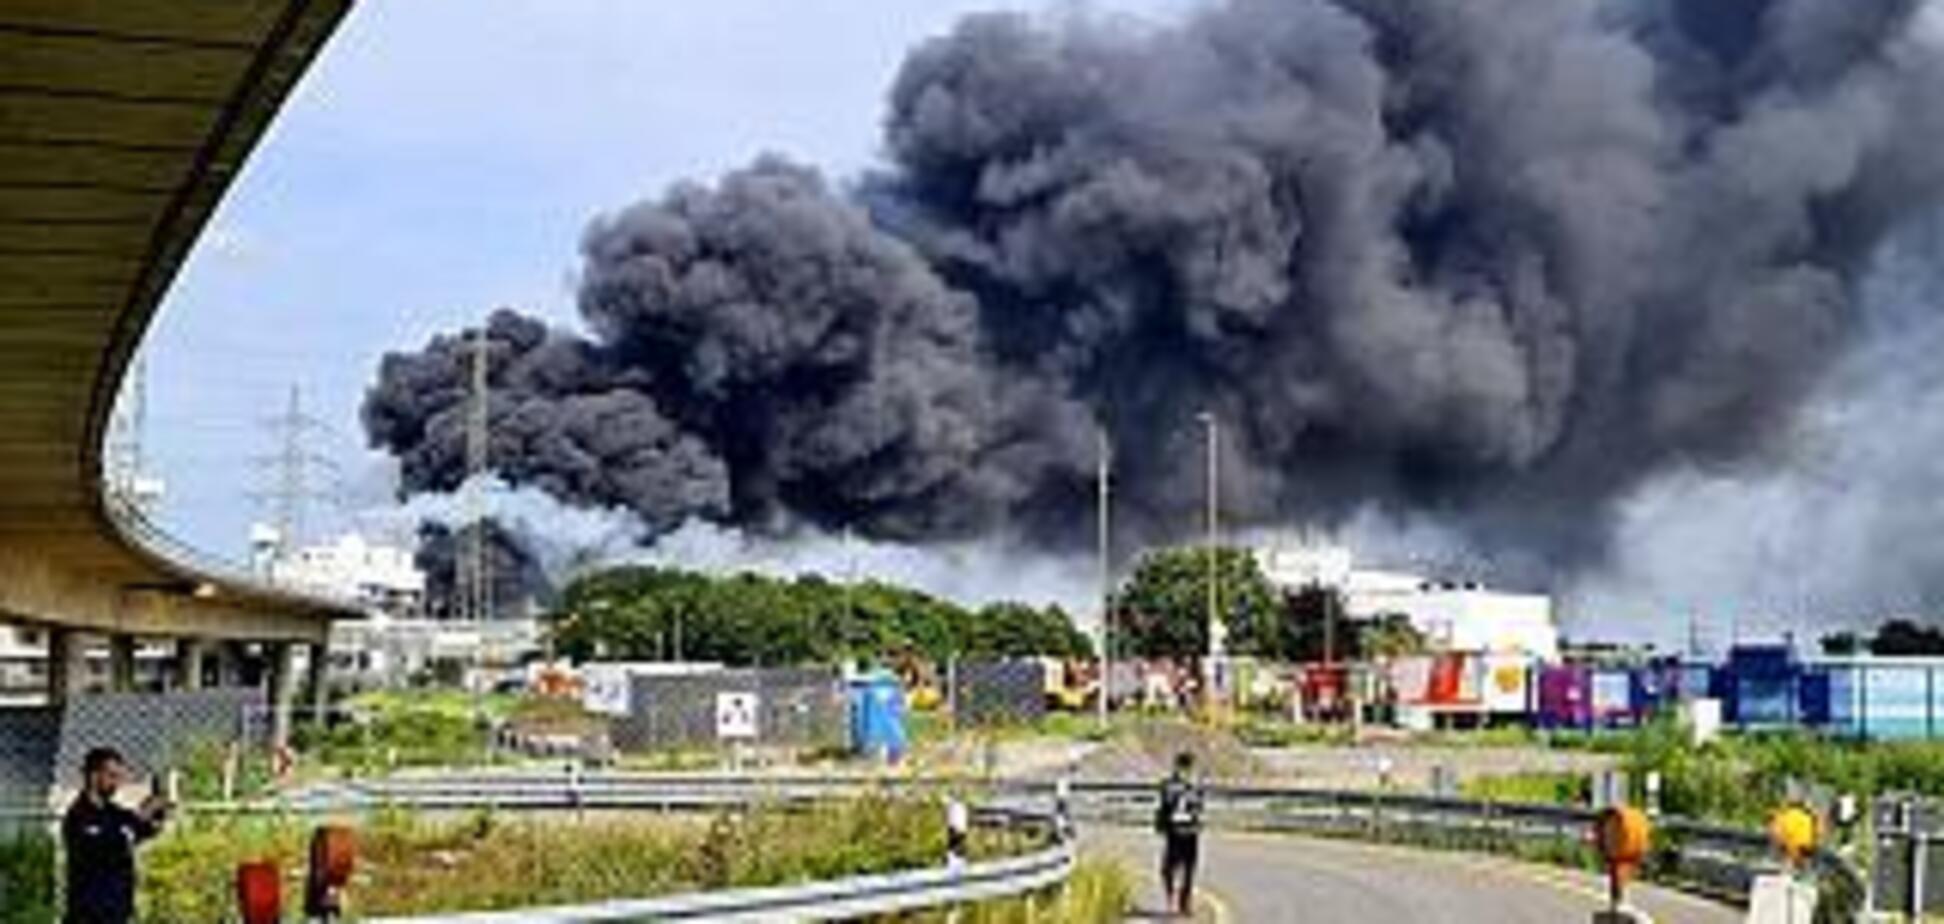 Потужний вибух прогримів на хімічному заводі у Німеччині